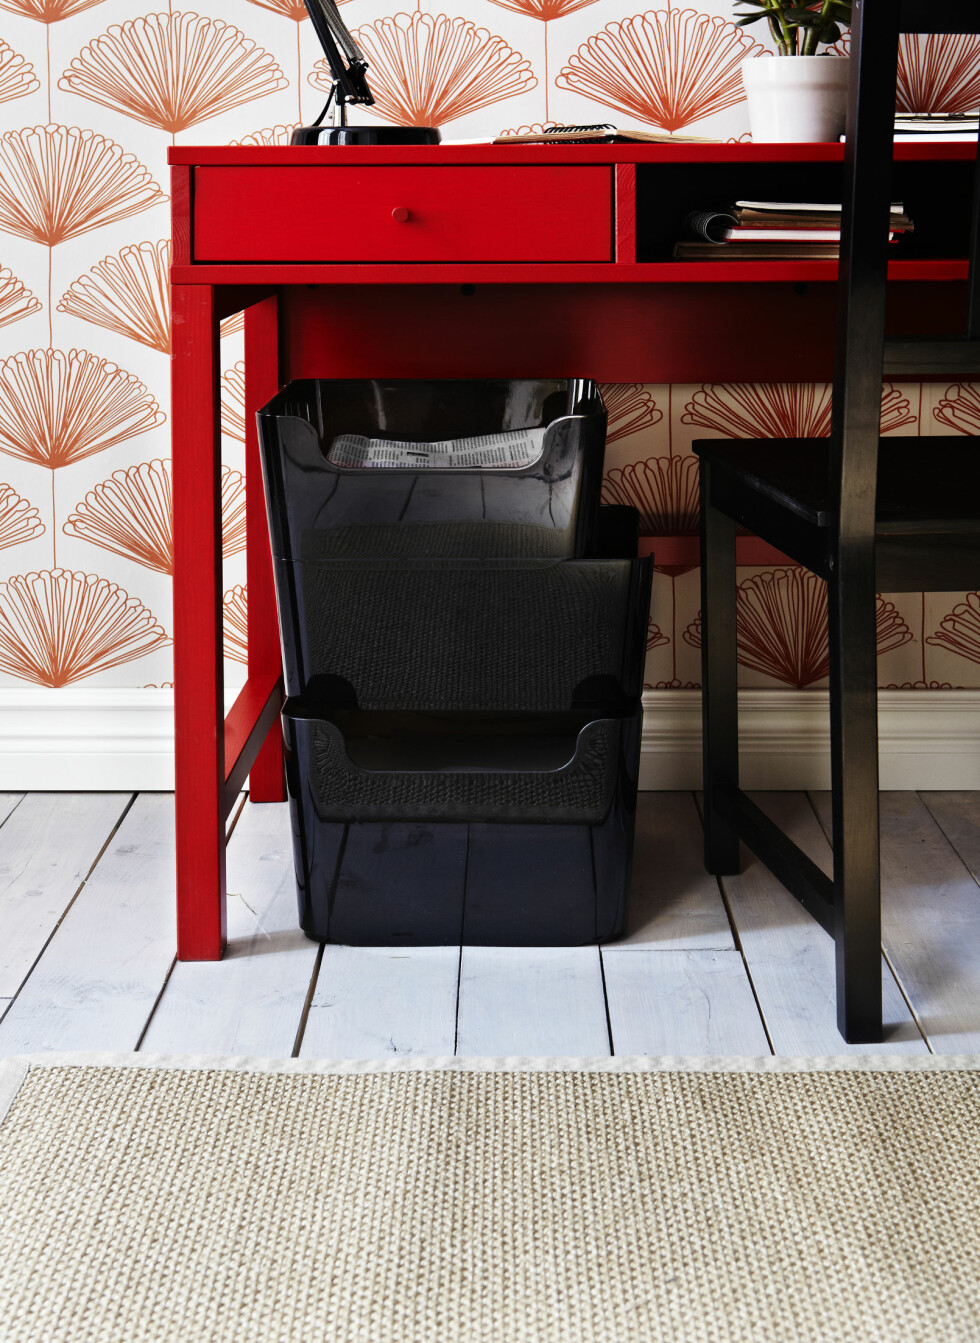 Polyetylen-beholderne Pluggis er laget av resirkulert materiale, kan stables og finnes i ulike størrelser. 59 og 85 kroner per stk. Foto: Ikea